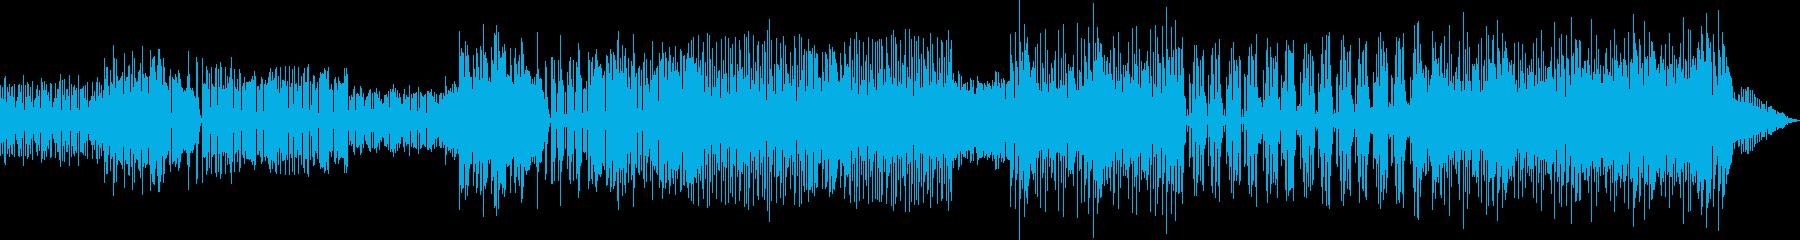 チップチューン風インストゥルメンタルの再生済みの波形